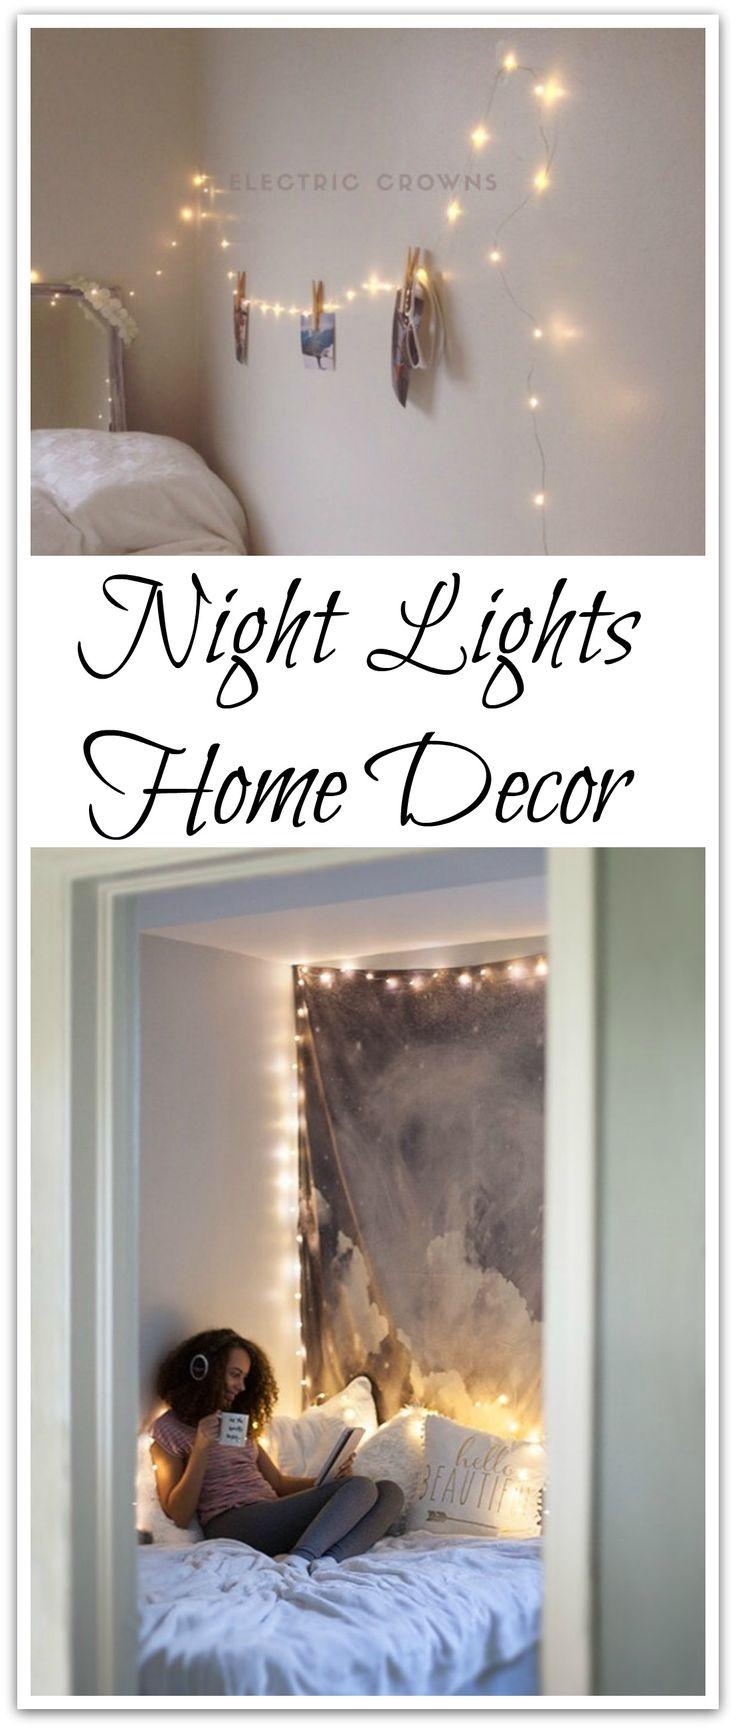 Night Light Fairy Lights Bedroom Home Decor Living Room Wall